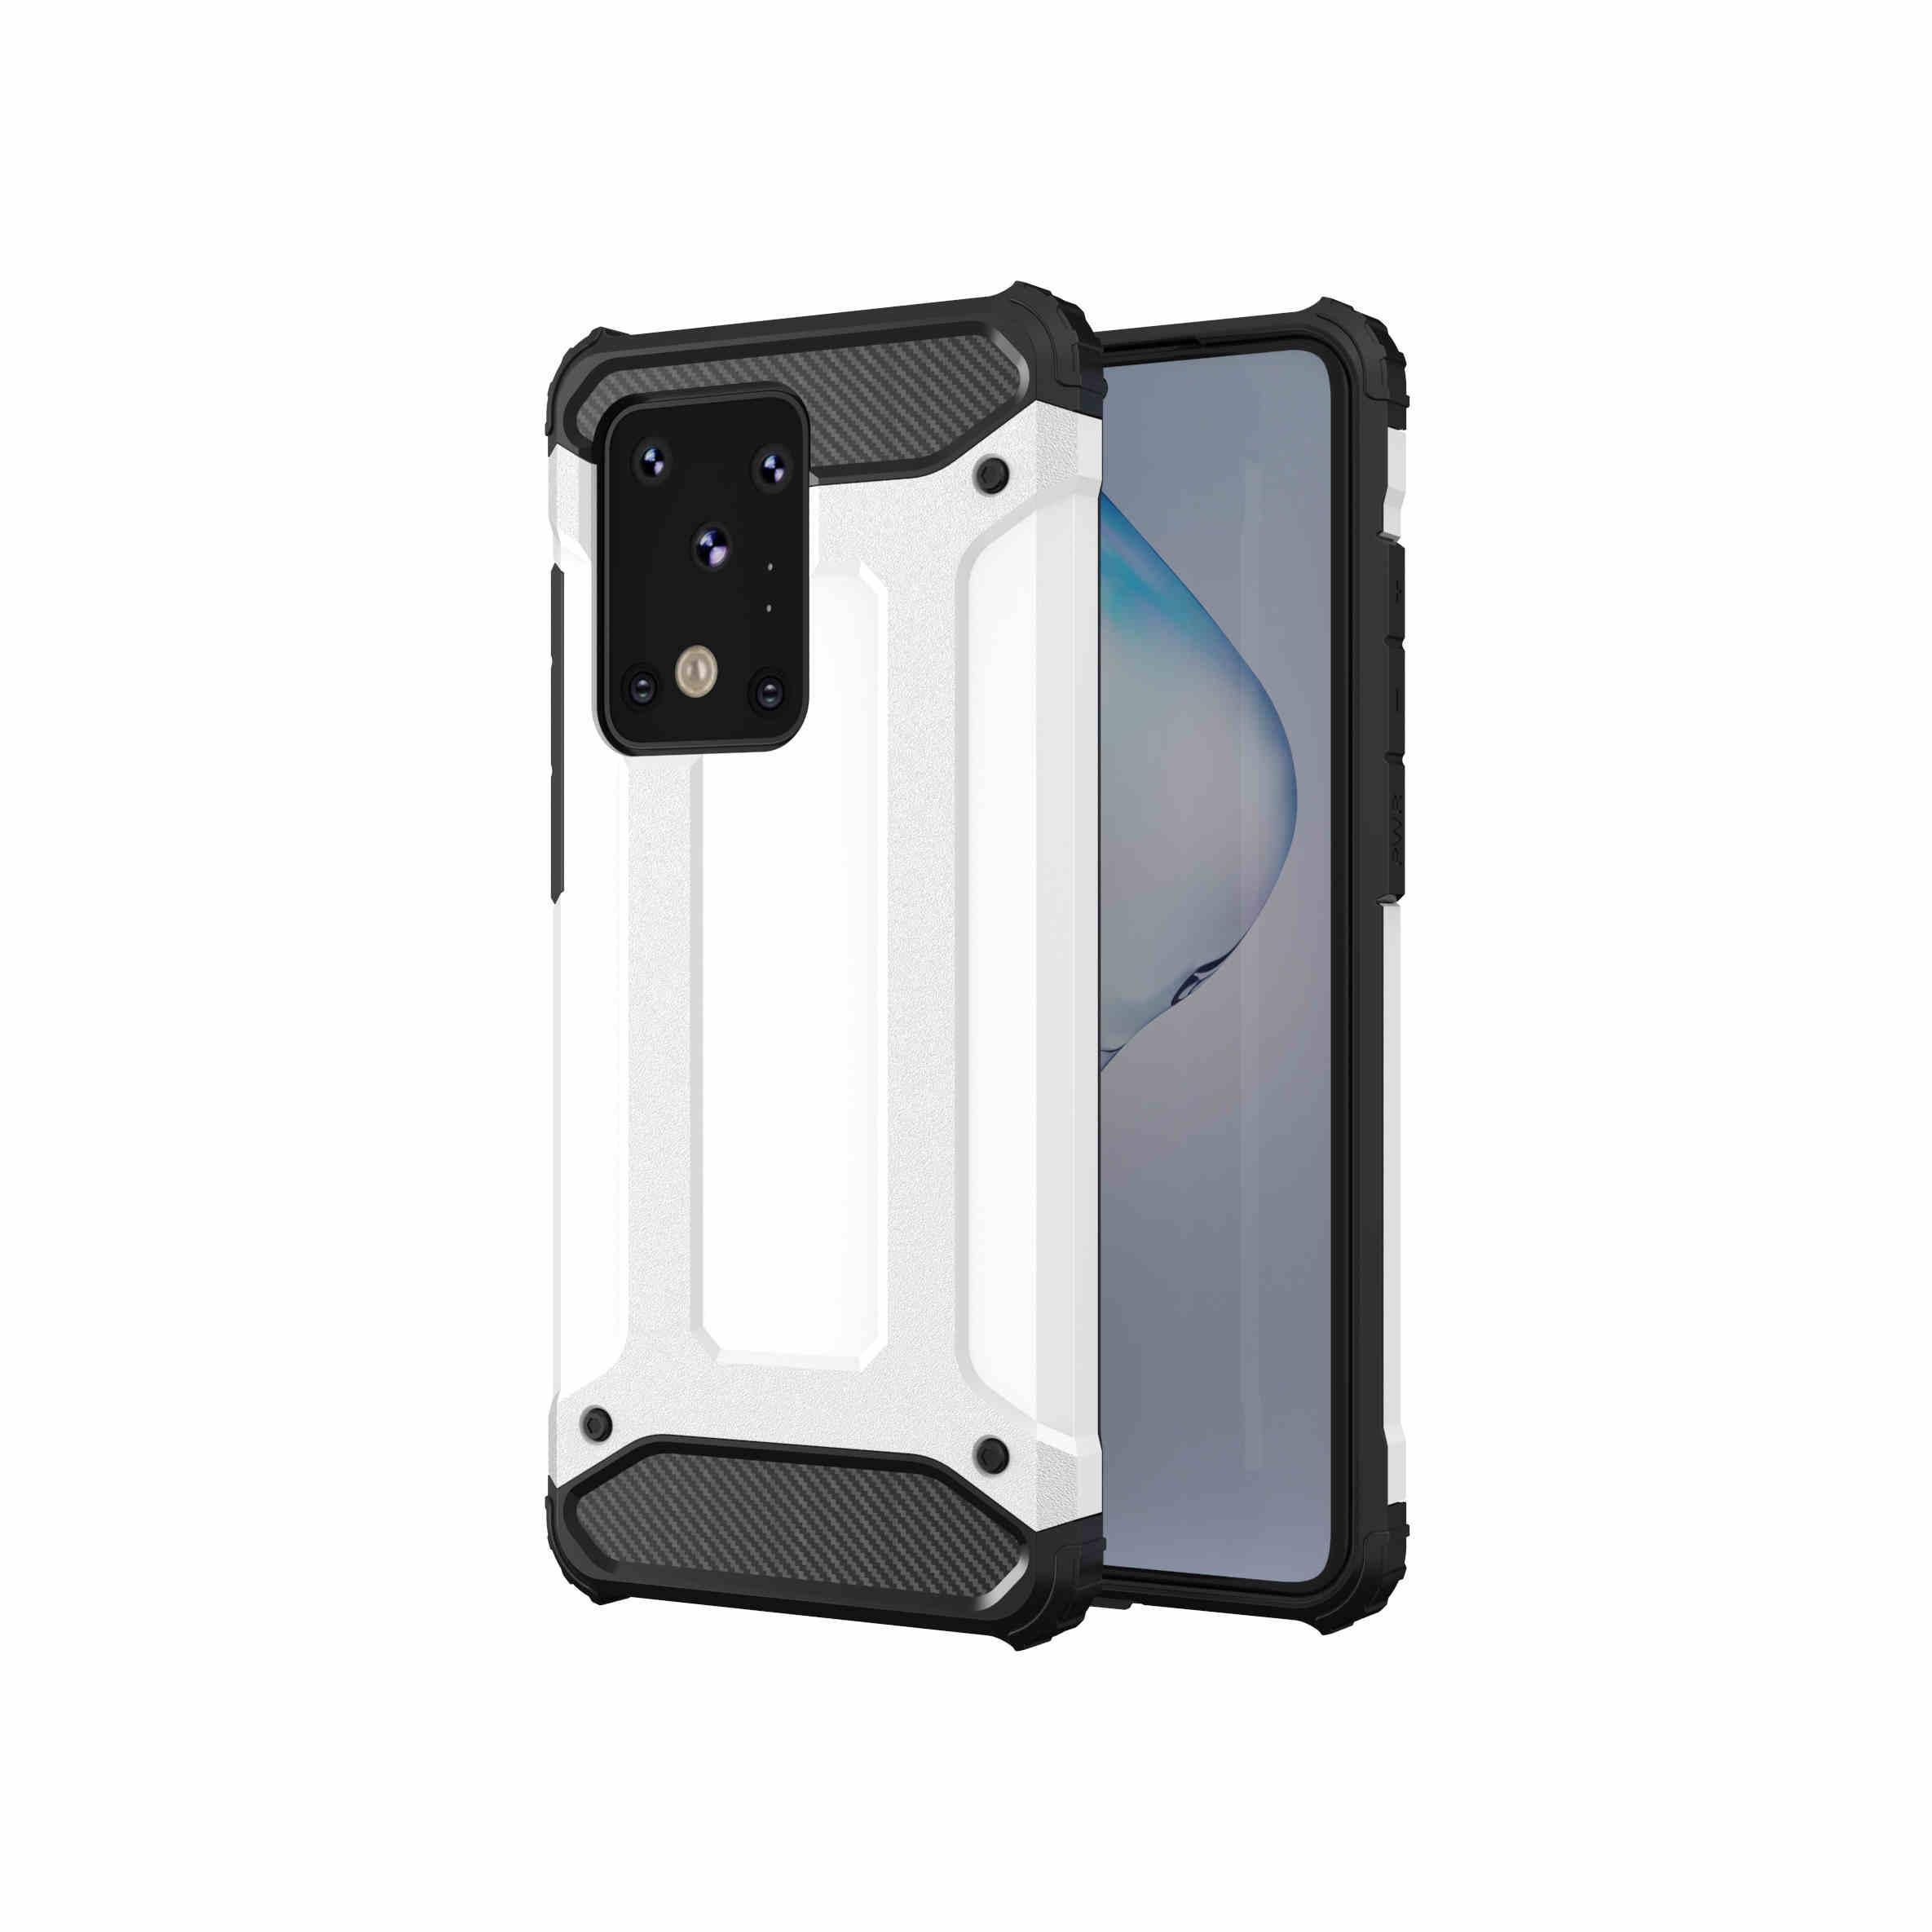 Capas telefônicas para iPhone 11 Pro XS Max XR Armadura de aço Samsung S20 Ultra A01 A20S Huawei P40 Capa protetora